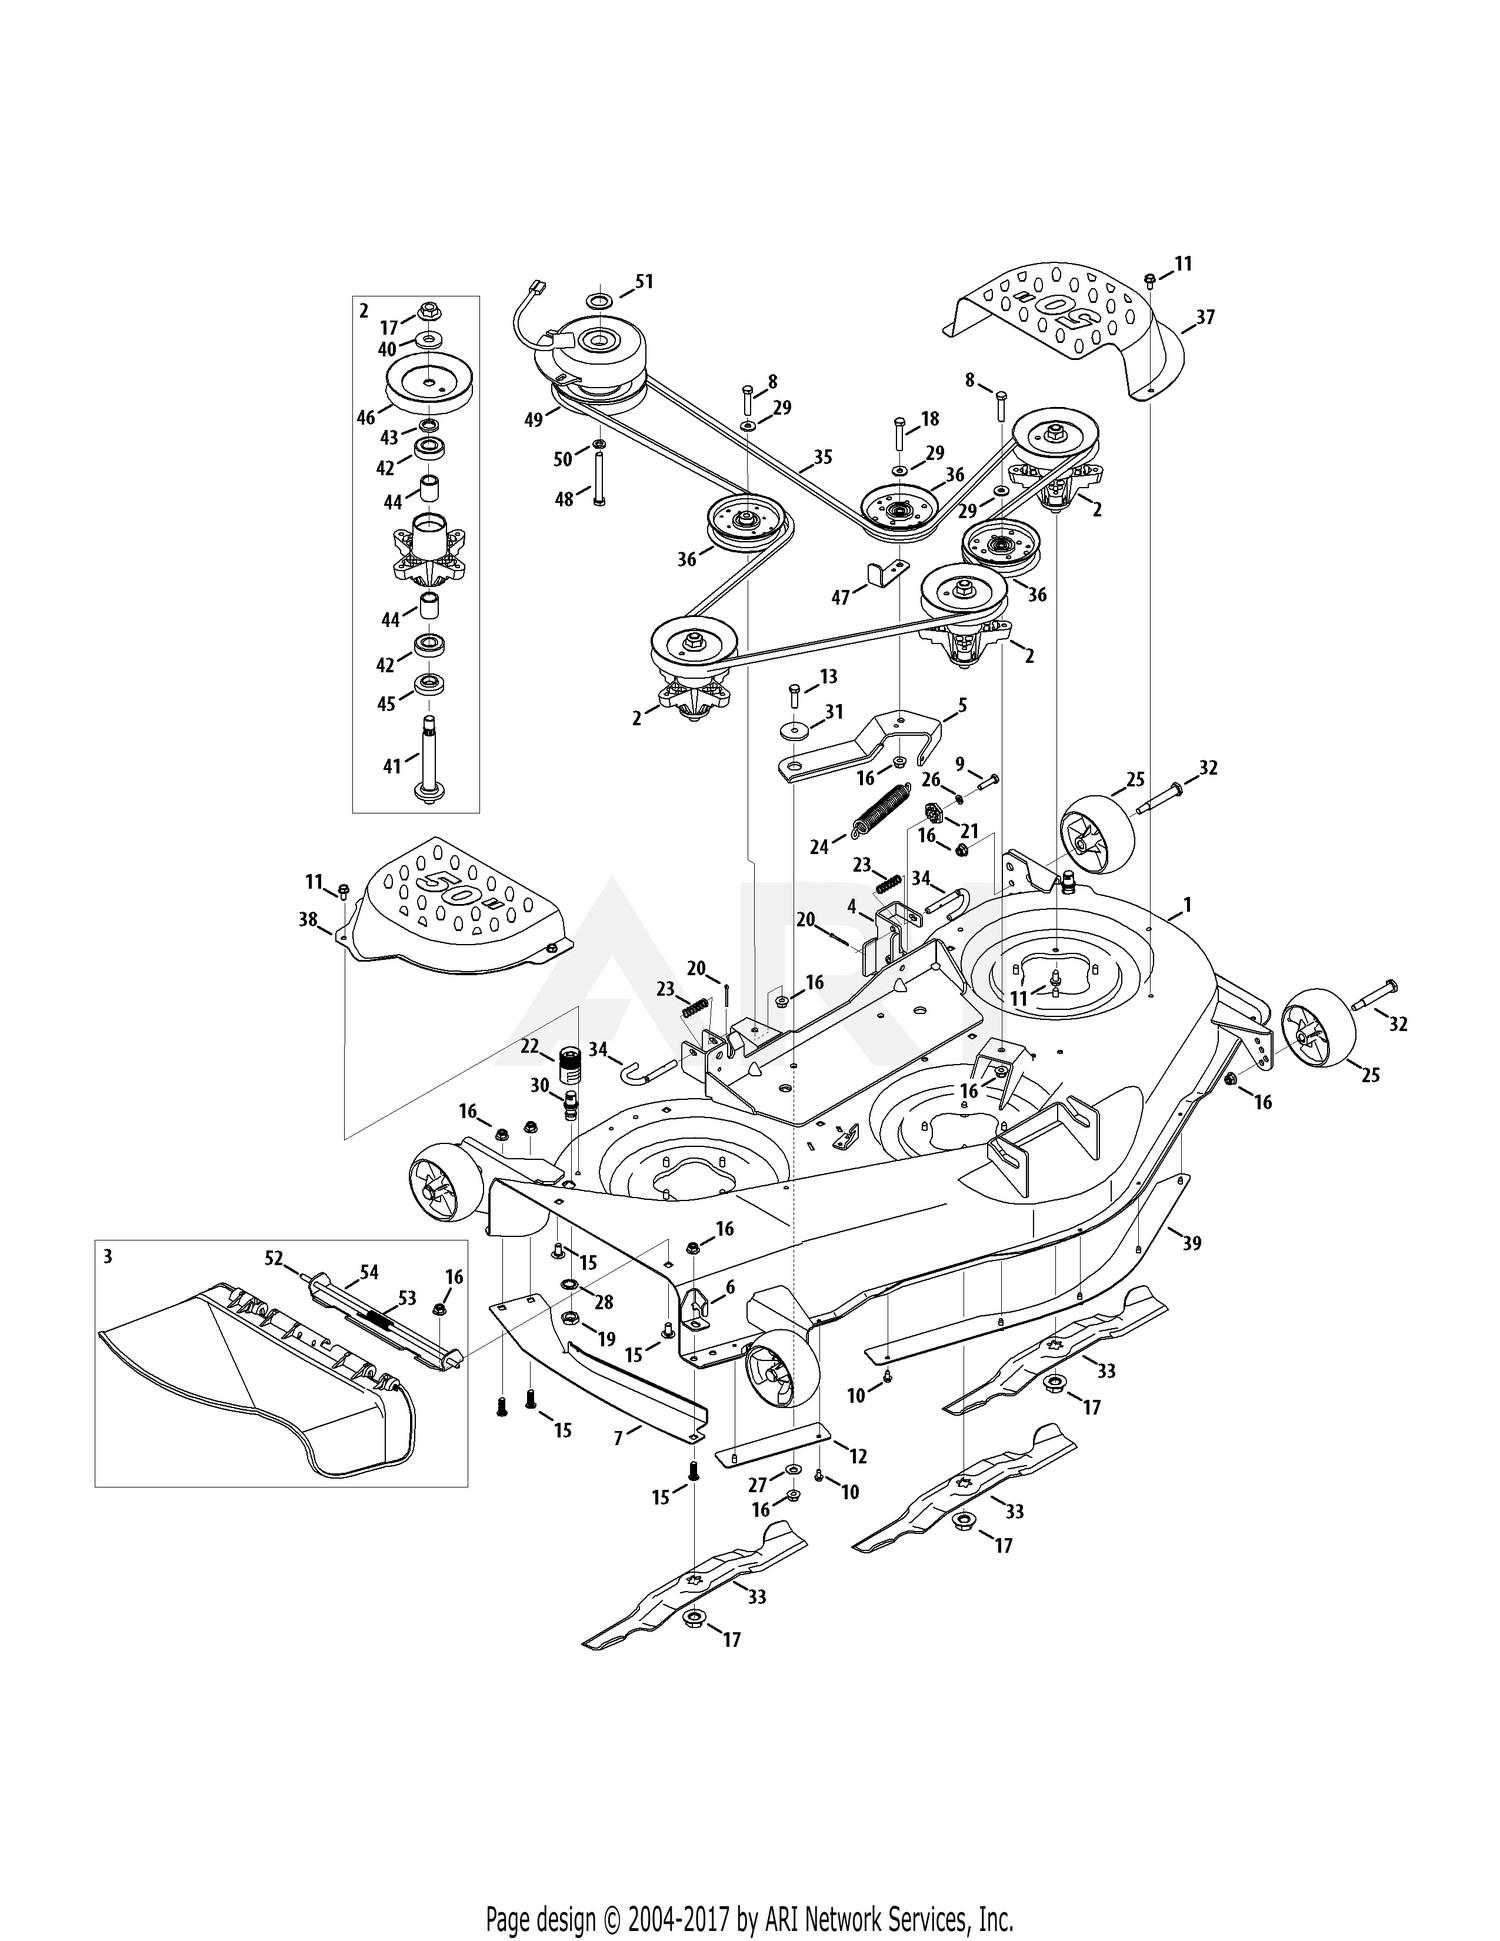 Cub cadet mower deck parts diagram cub cadet parts diagrams cub cadet rzt50 kohler 17wf2acp 2011